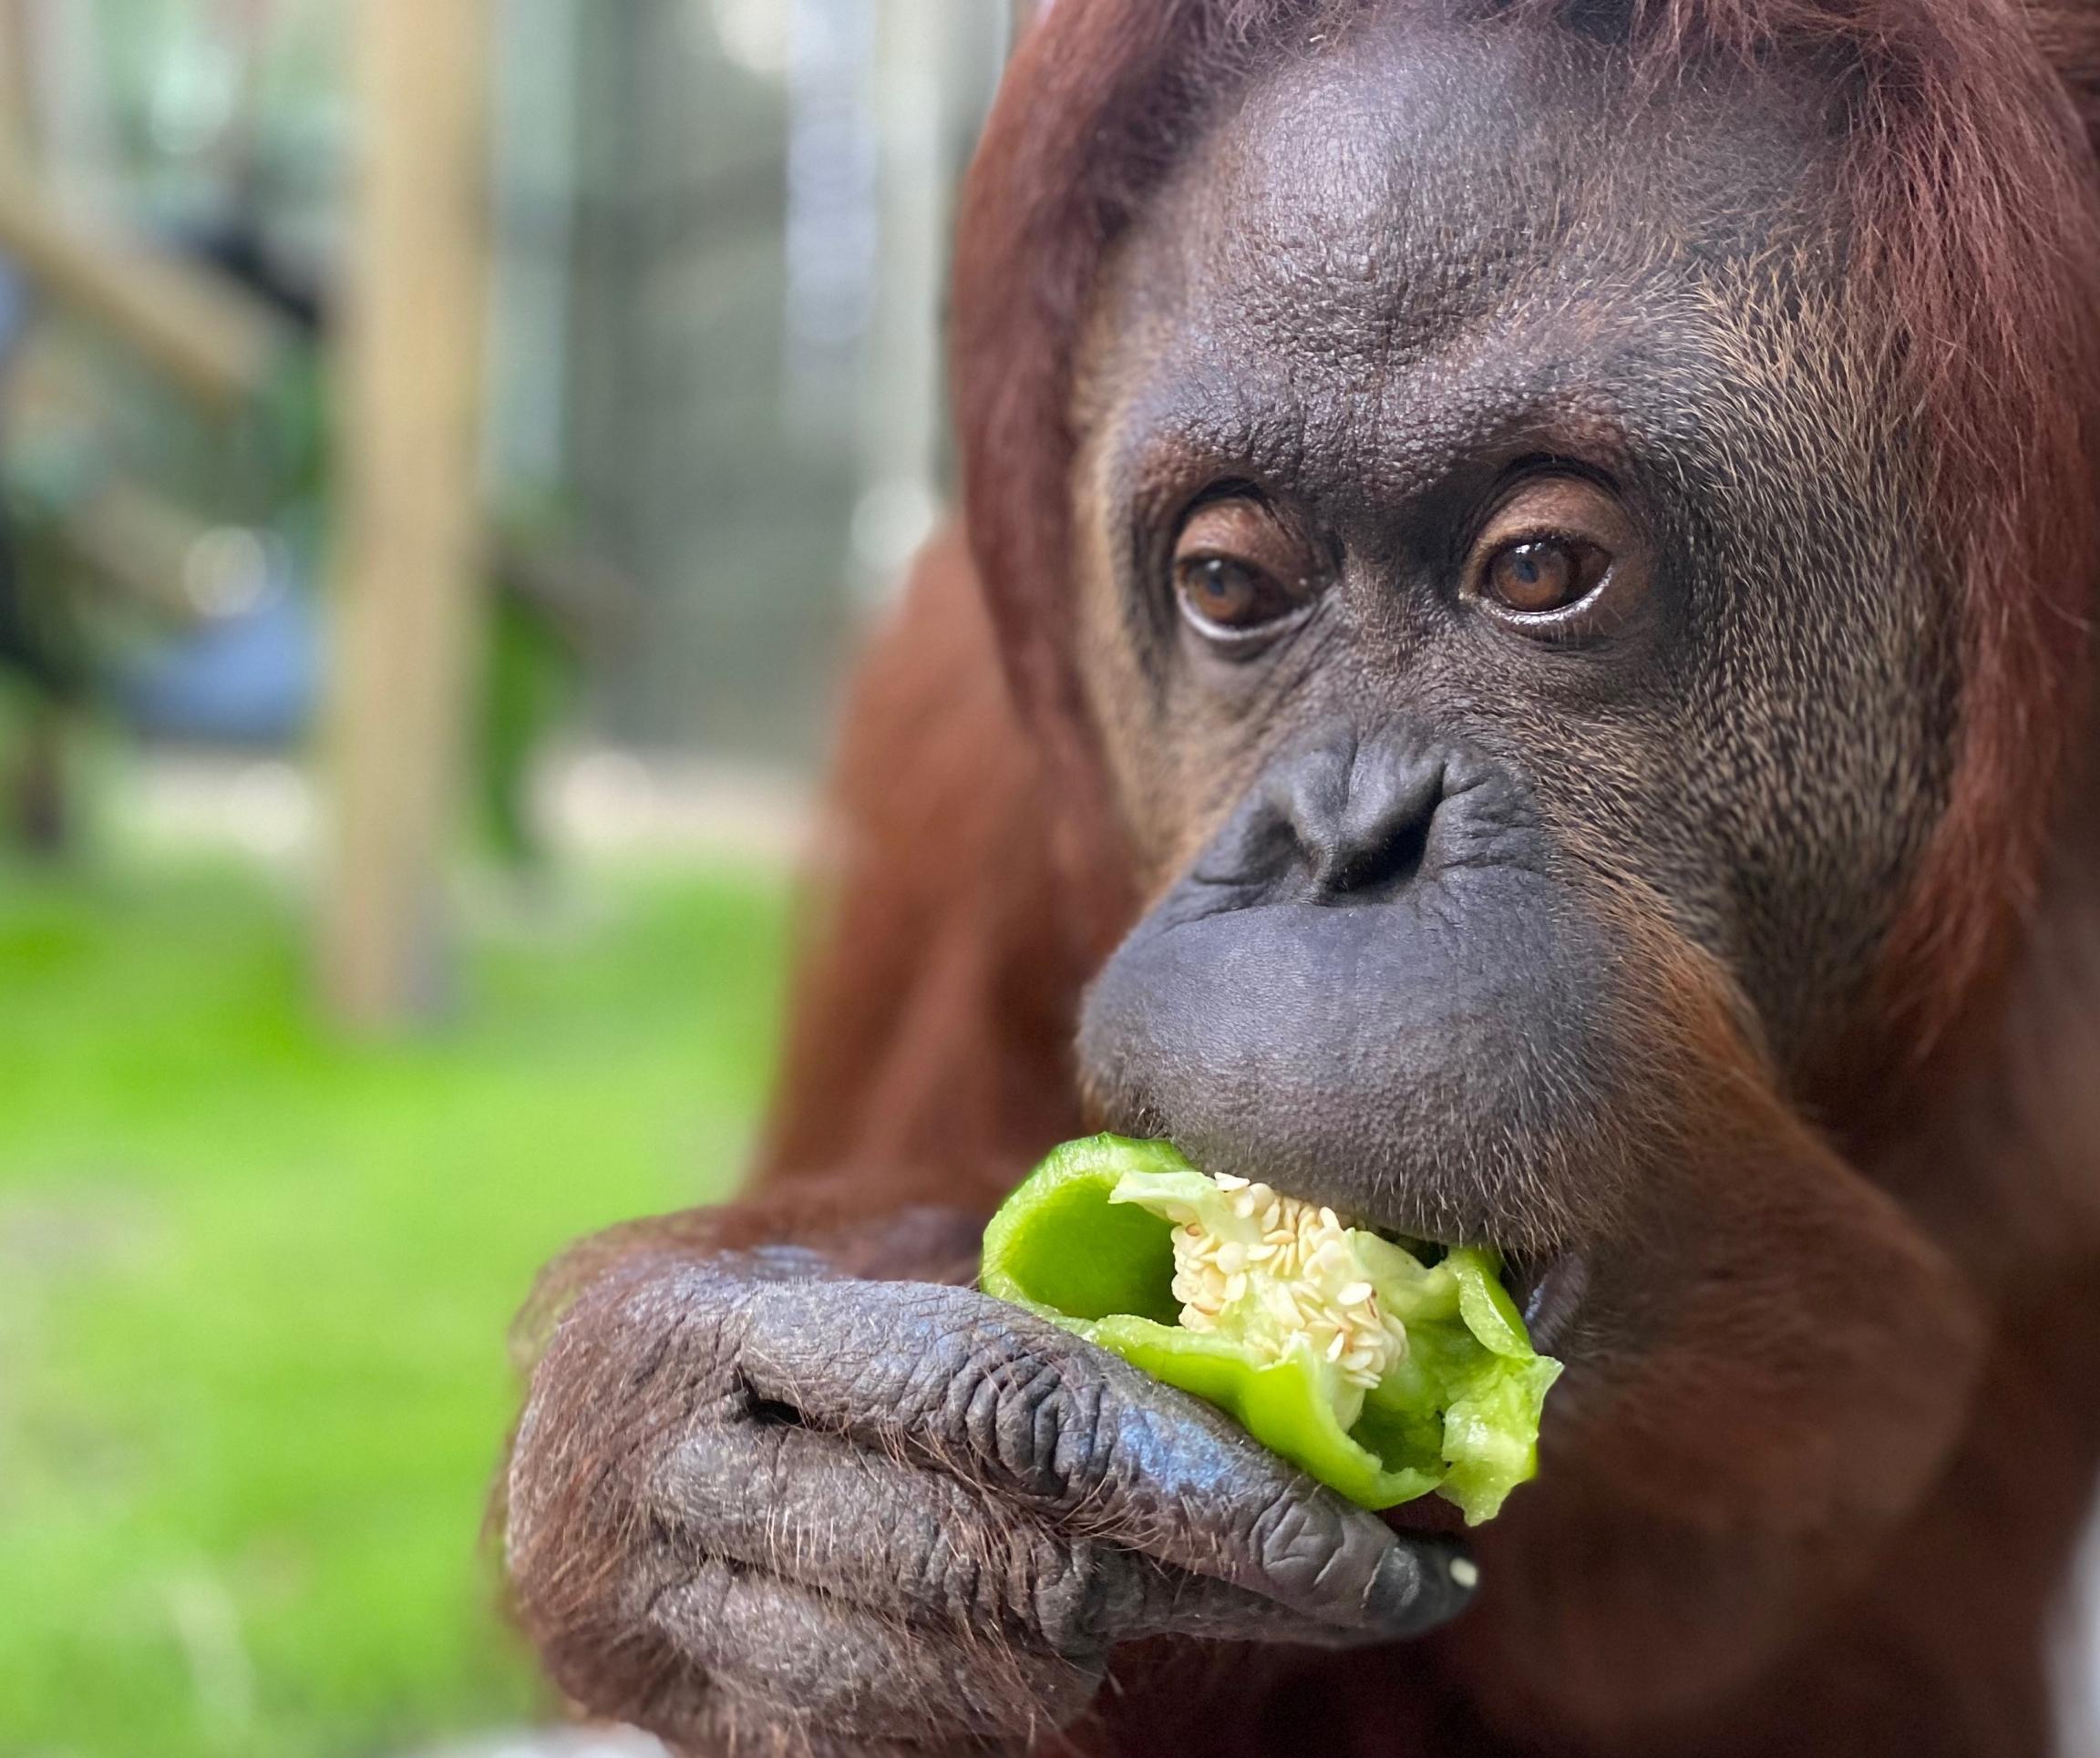 An orangutan eats a green pepper